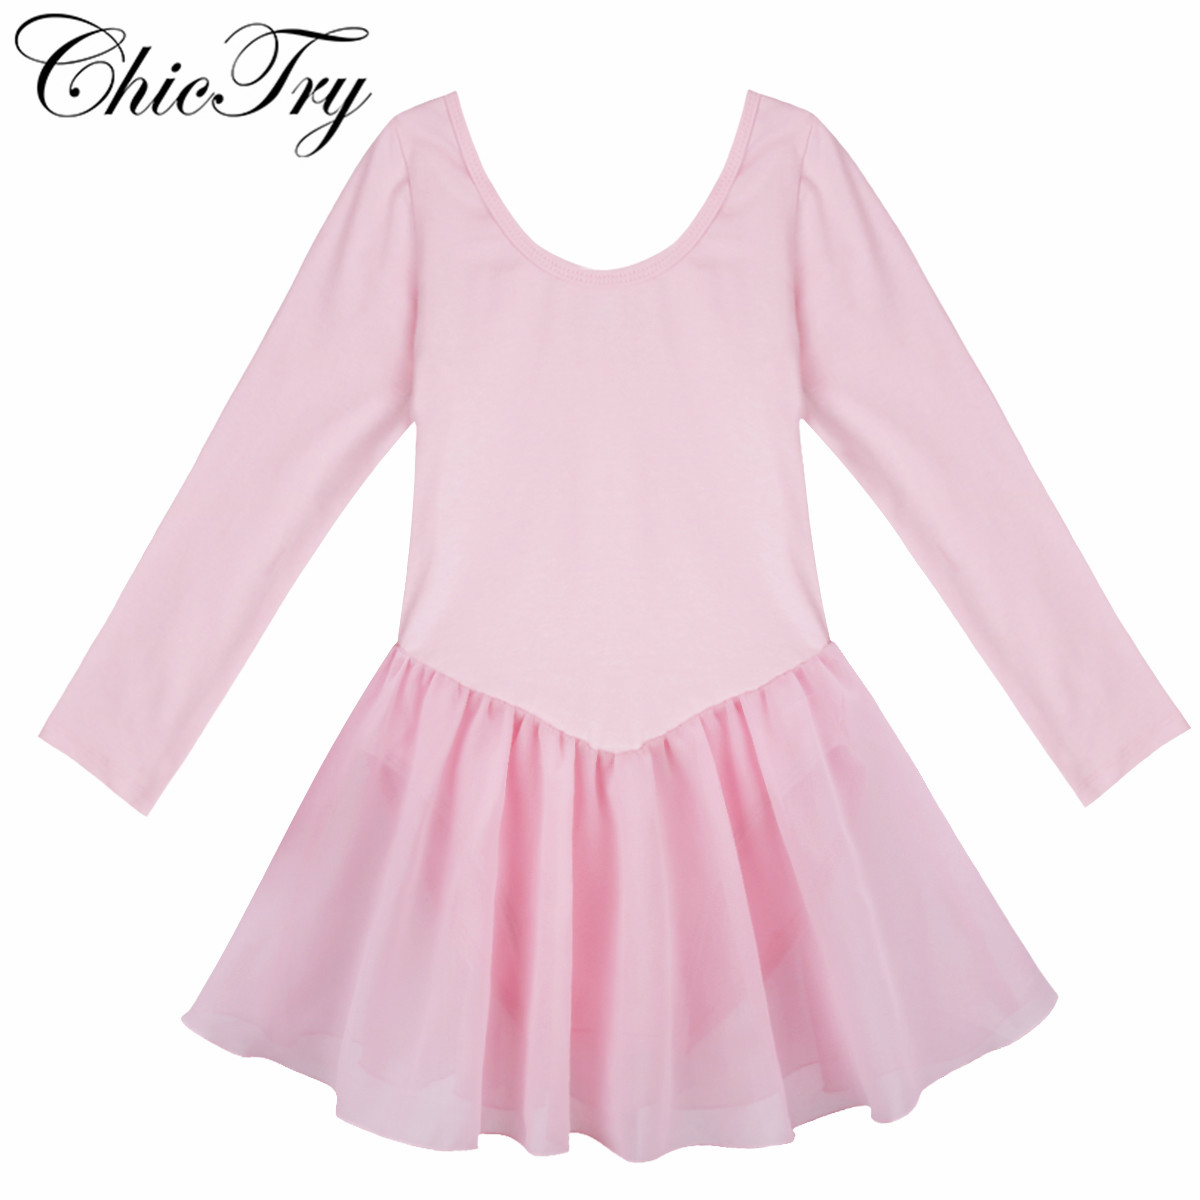 Children Kids Long Sleeve Ballet Dancer Leotard Tutu Dress Girls Ballet Class Stage Performance Dance Costumes Dancing Clothes